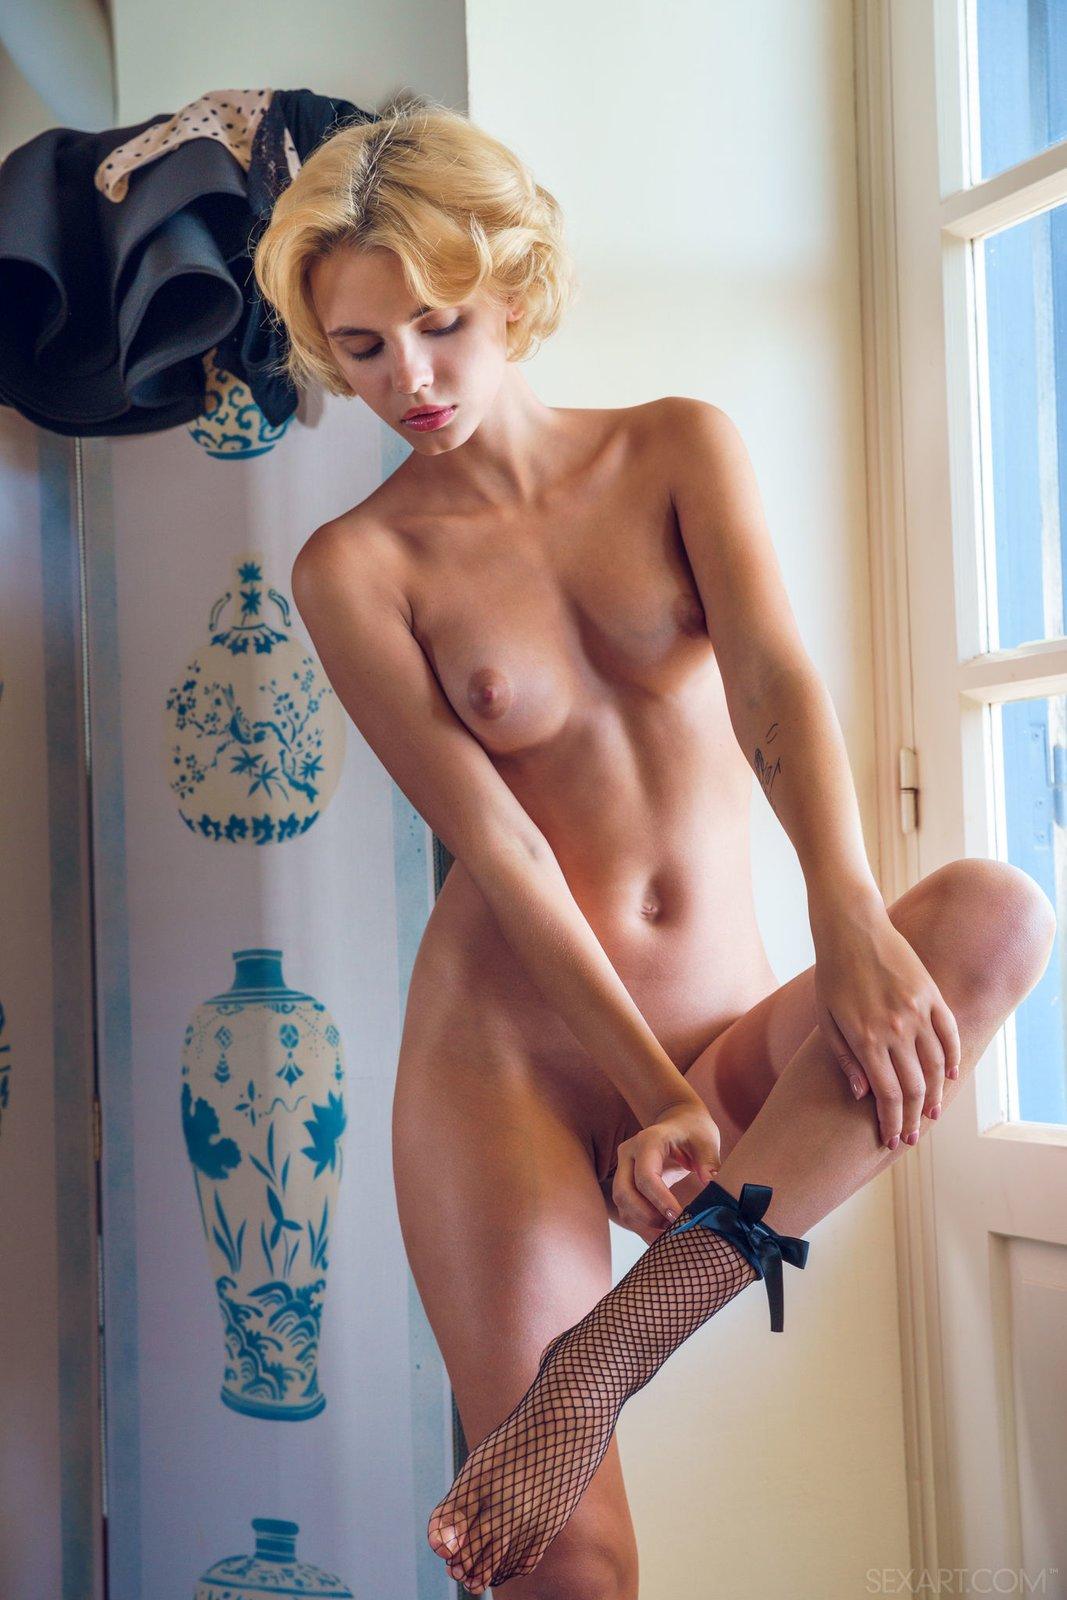 Элегантная блондинка в носочках оголилась у окна